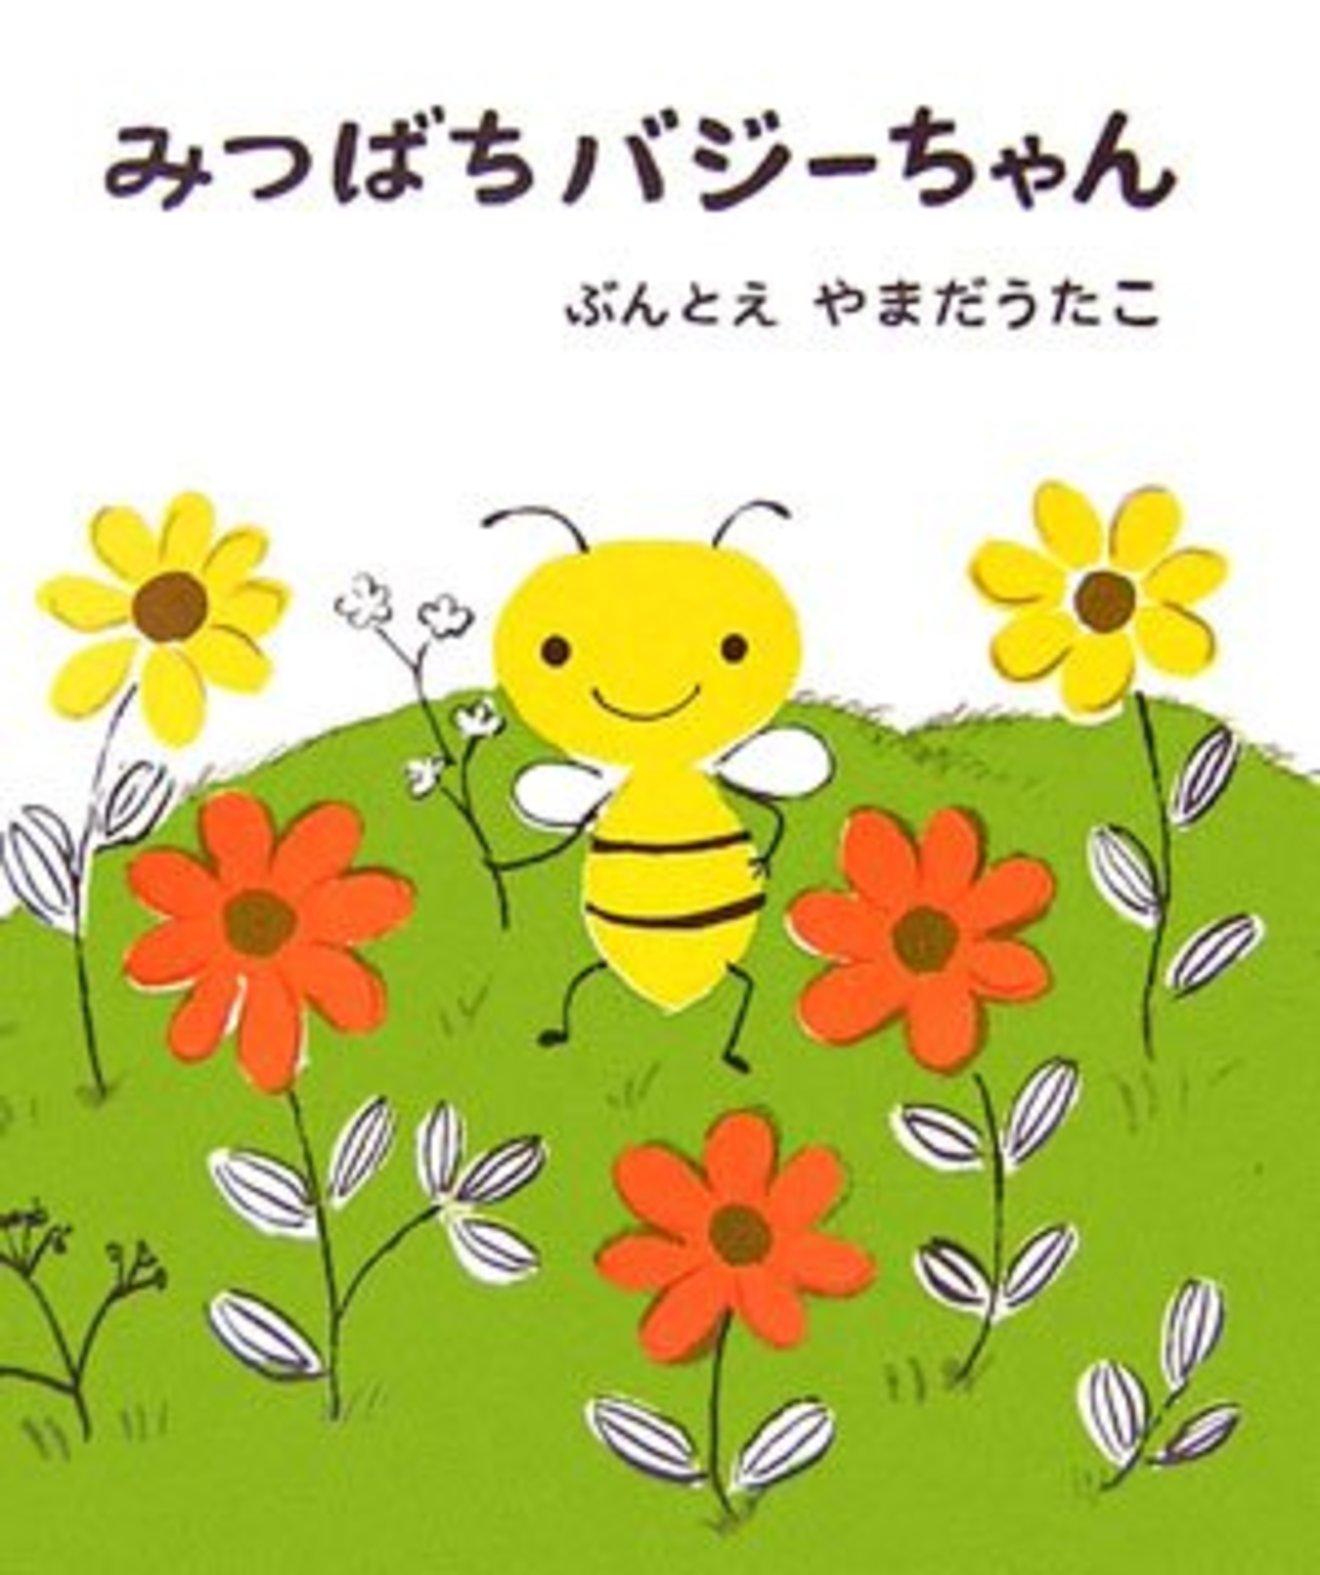 山田詩子が絵を描くおすすめ絵本4選優しく温かいイラストが特徴 ホン